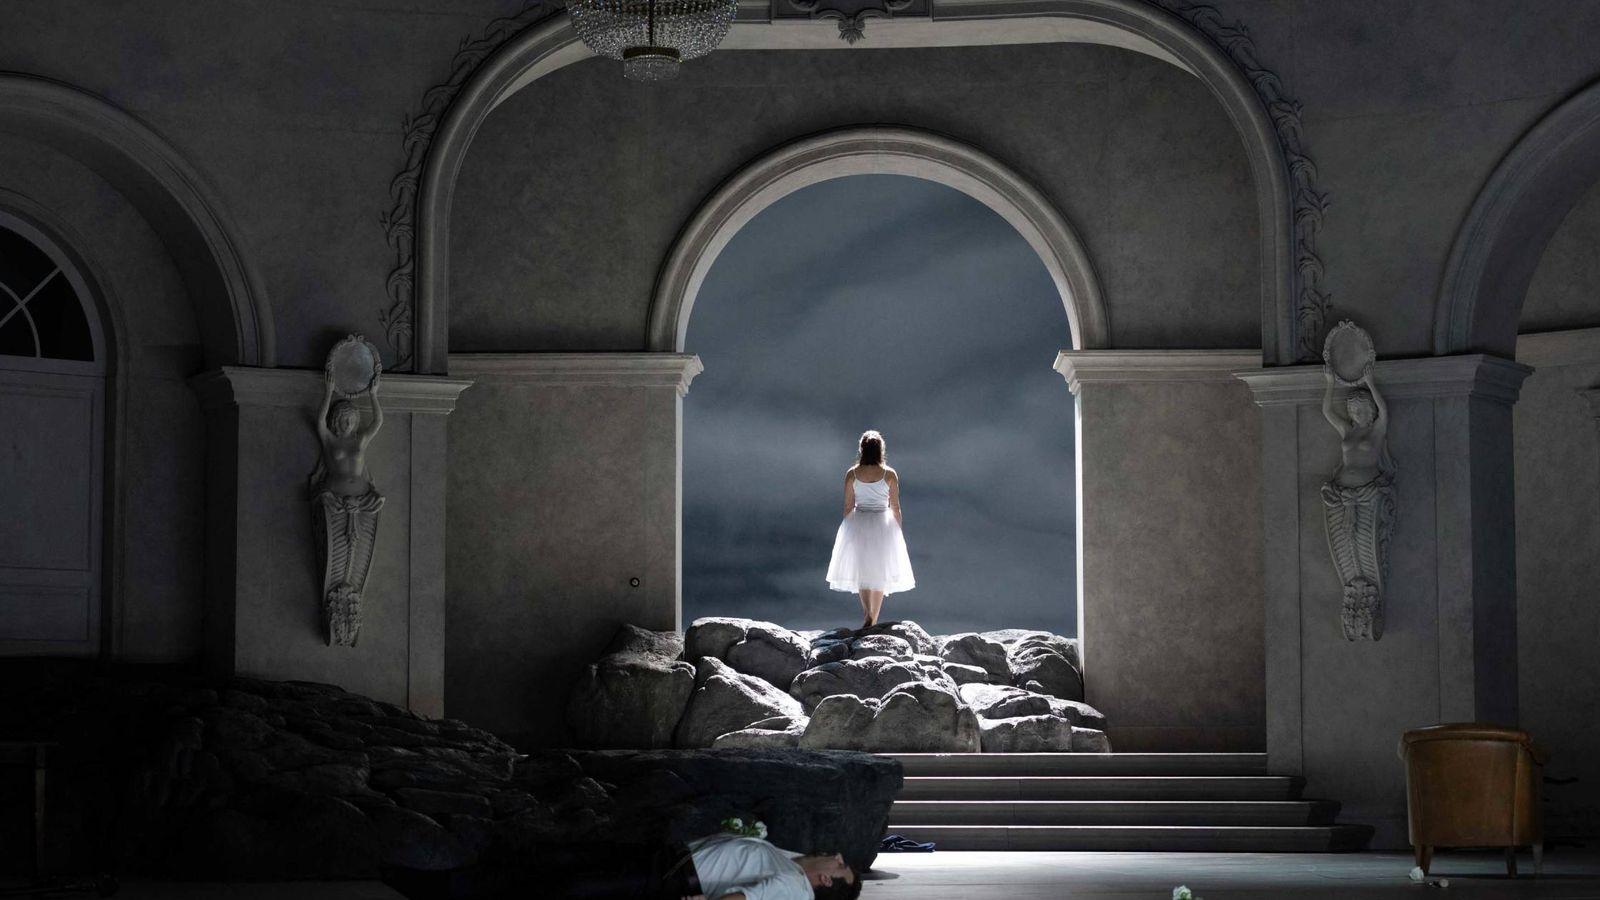 Rusalka: por qué el Real es un bendito teatro maldito